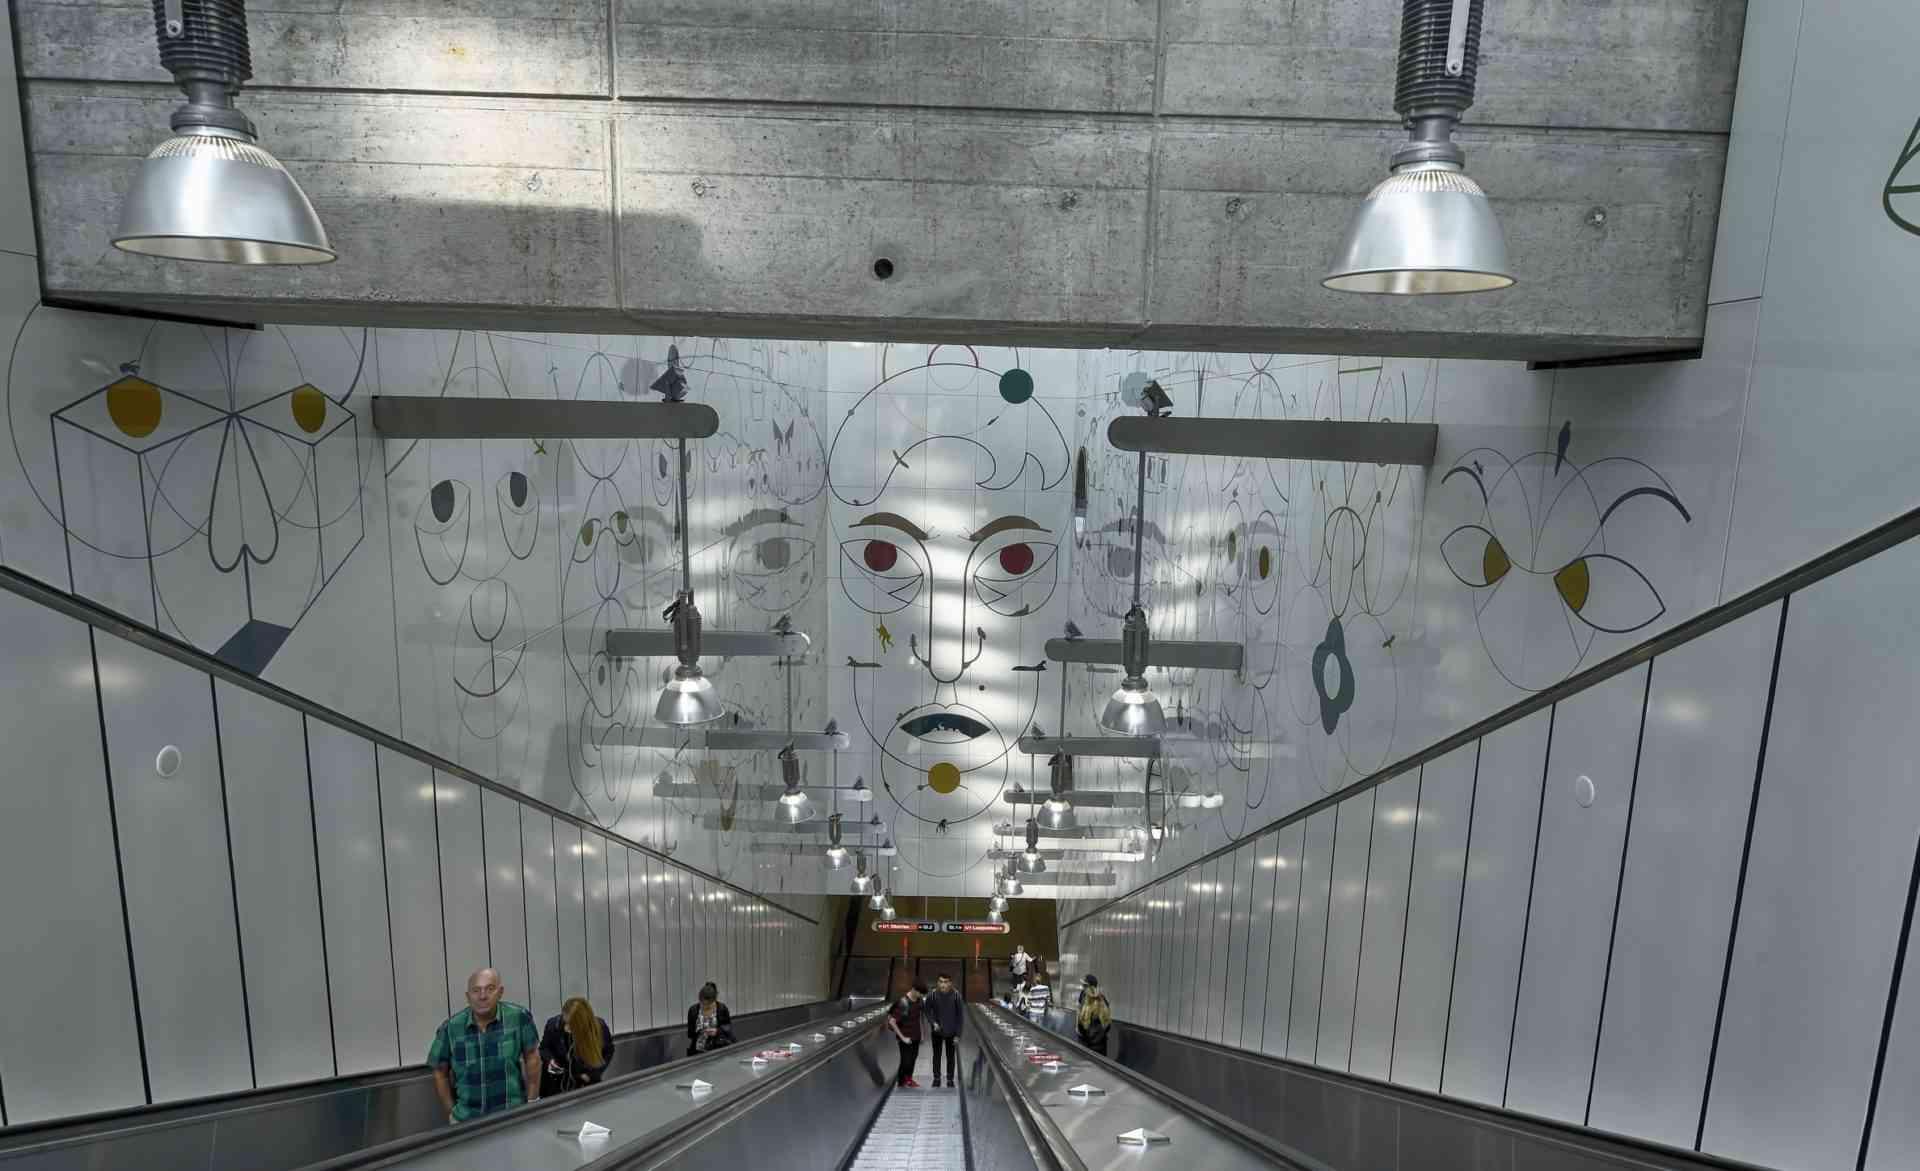 50 Jahre Spatenstich U-Bahn Wien: Kunstwerk Altes Landgut